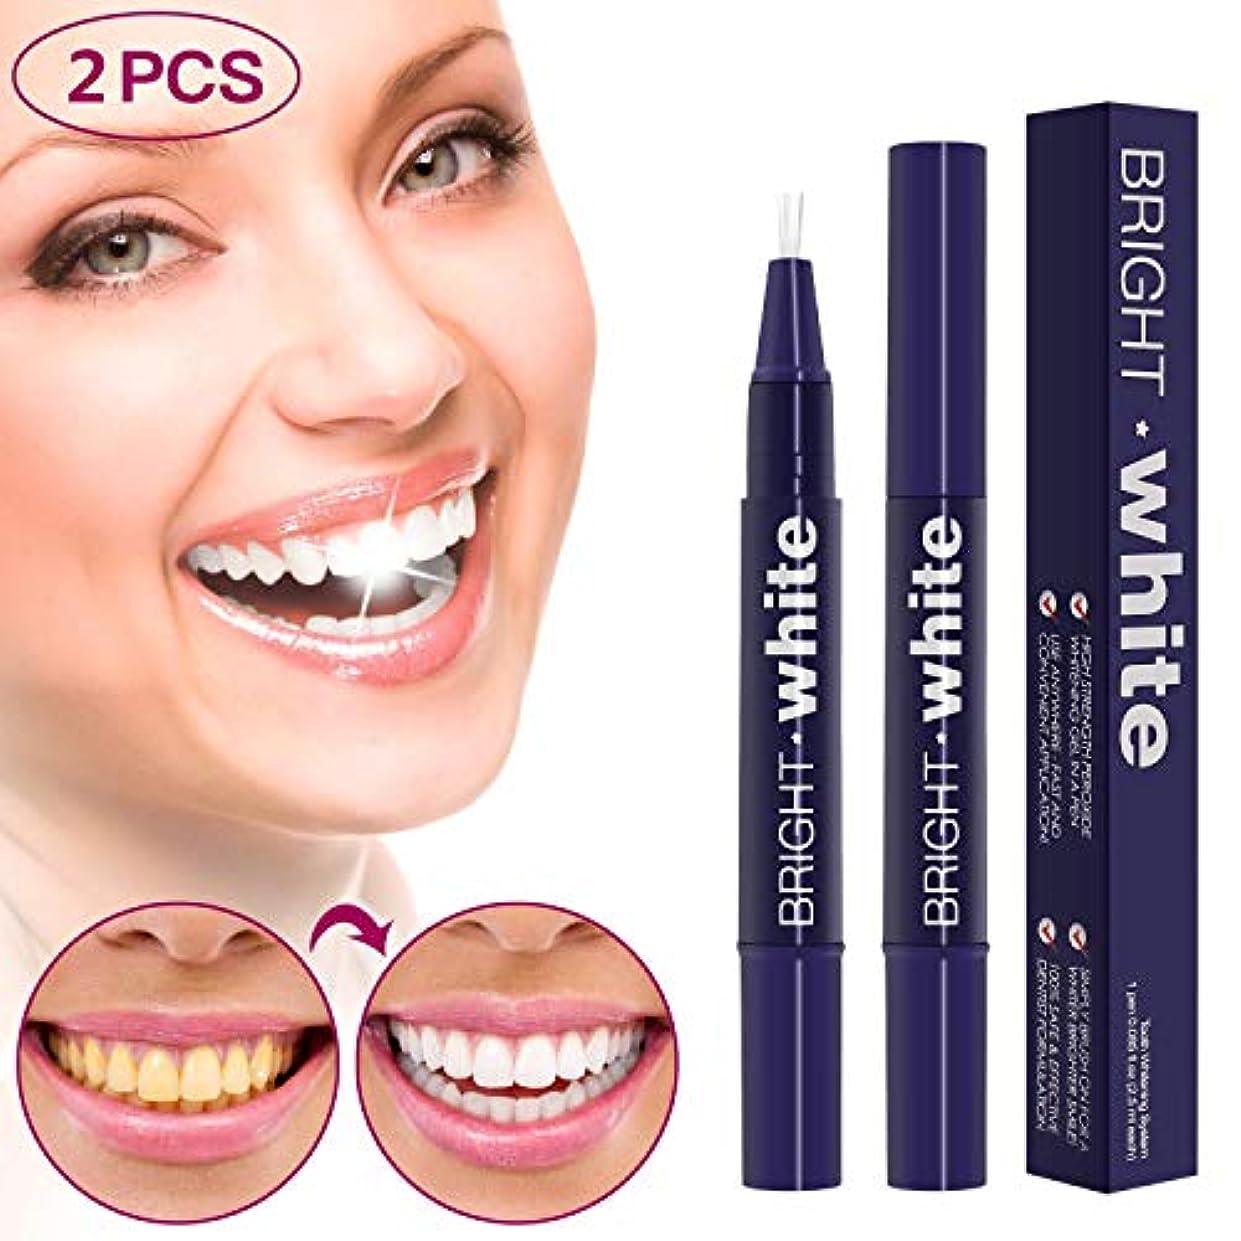 じゃない夏命令的Odette 2019 歯のホワイトニング 美白歯ゲル 歯 ホワイトニングペン ホワイトニングペン 歯ブラシ 輝く笑顔 口臭防止 歯周病防止 2本 (2pcs)